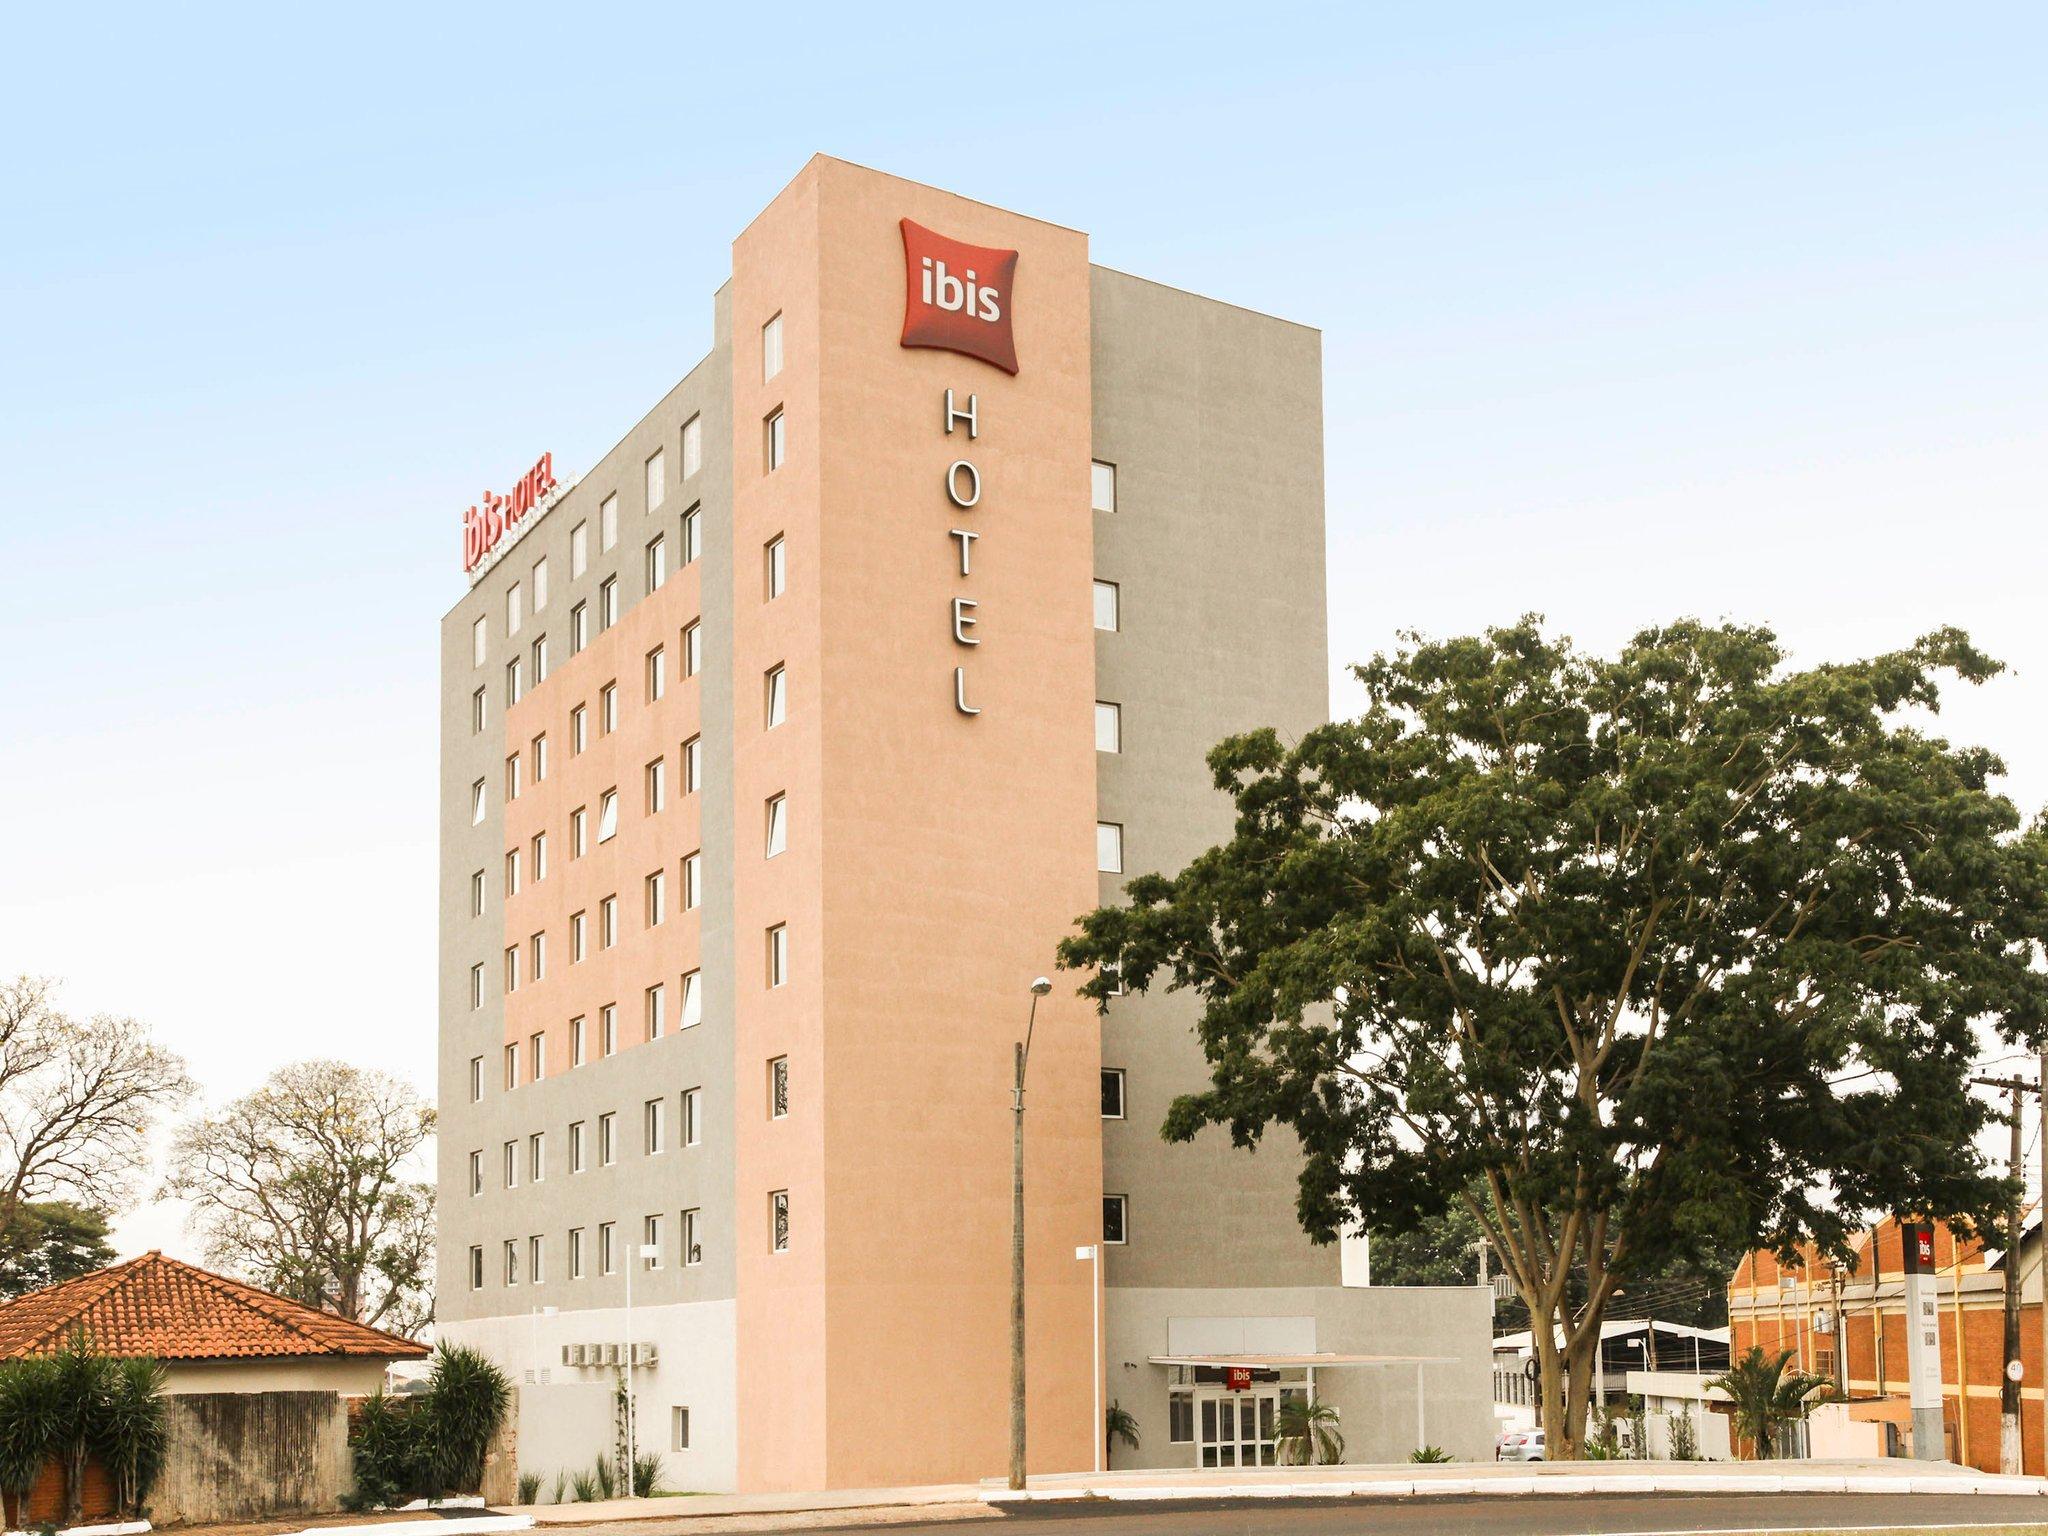 Ibis Sertaozinho Hotel